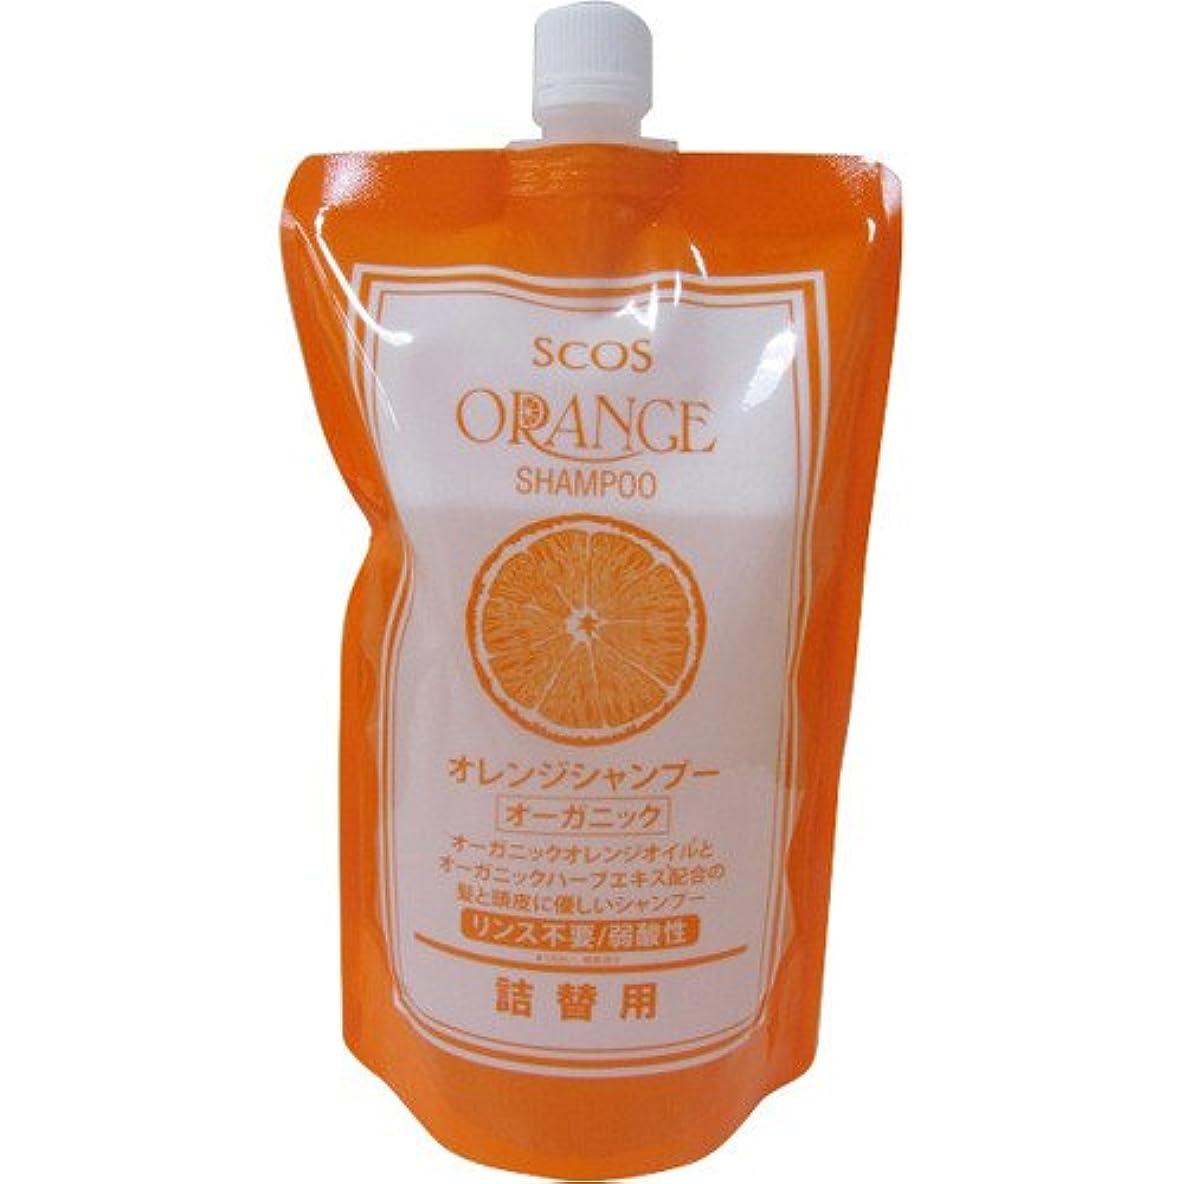 透ける出血私達エスコス オレンジシャンプーオーガニック 詰替用 700ml